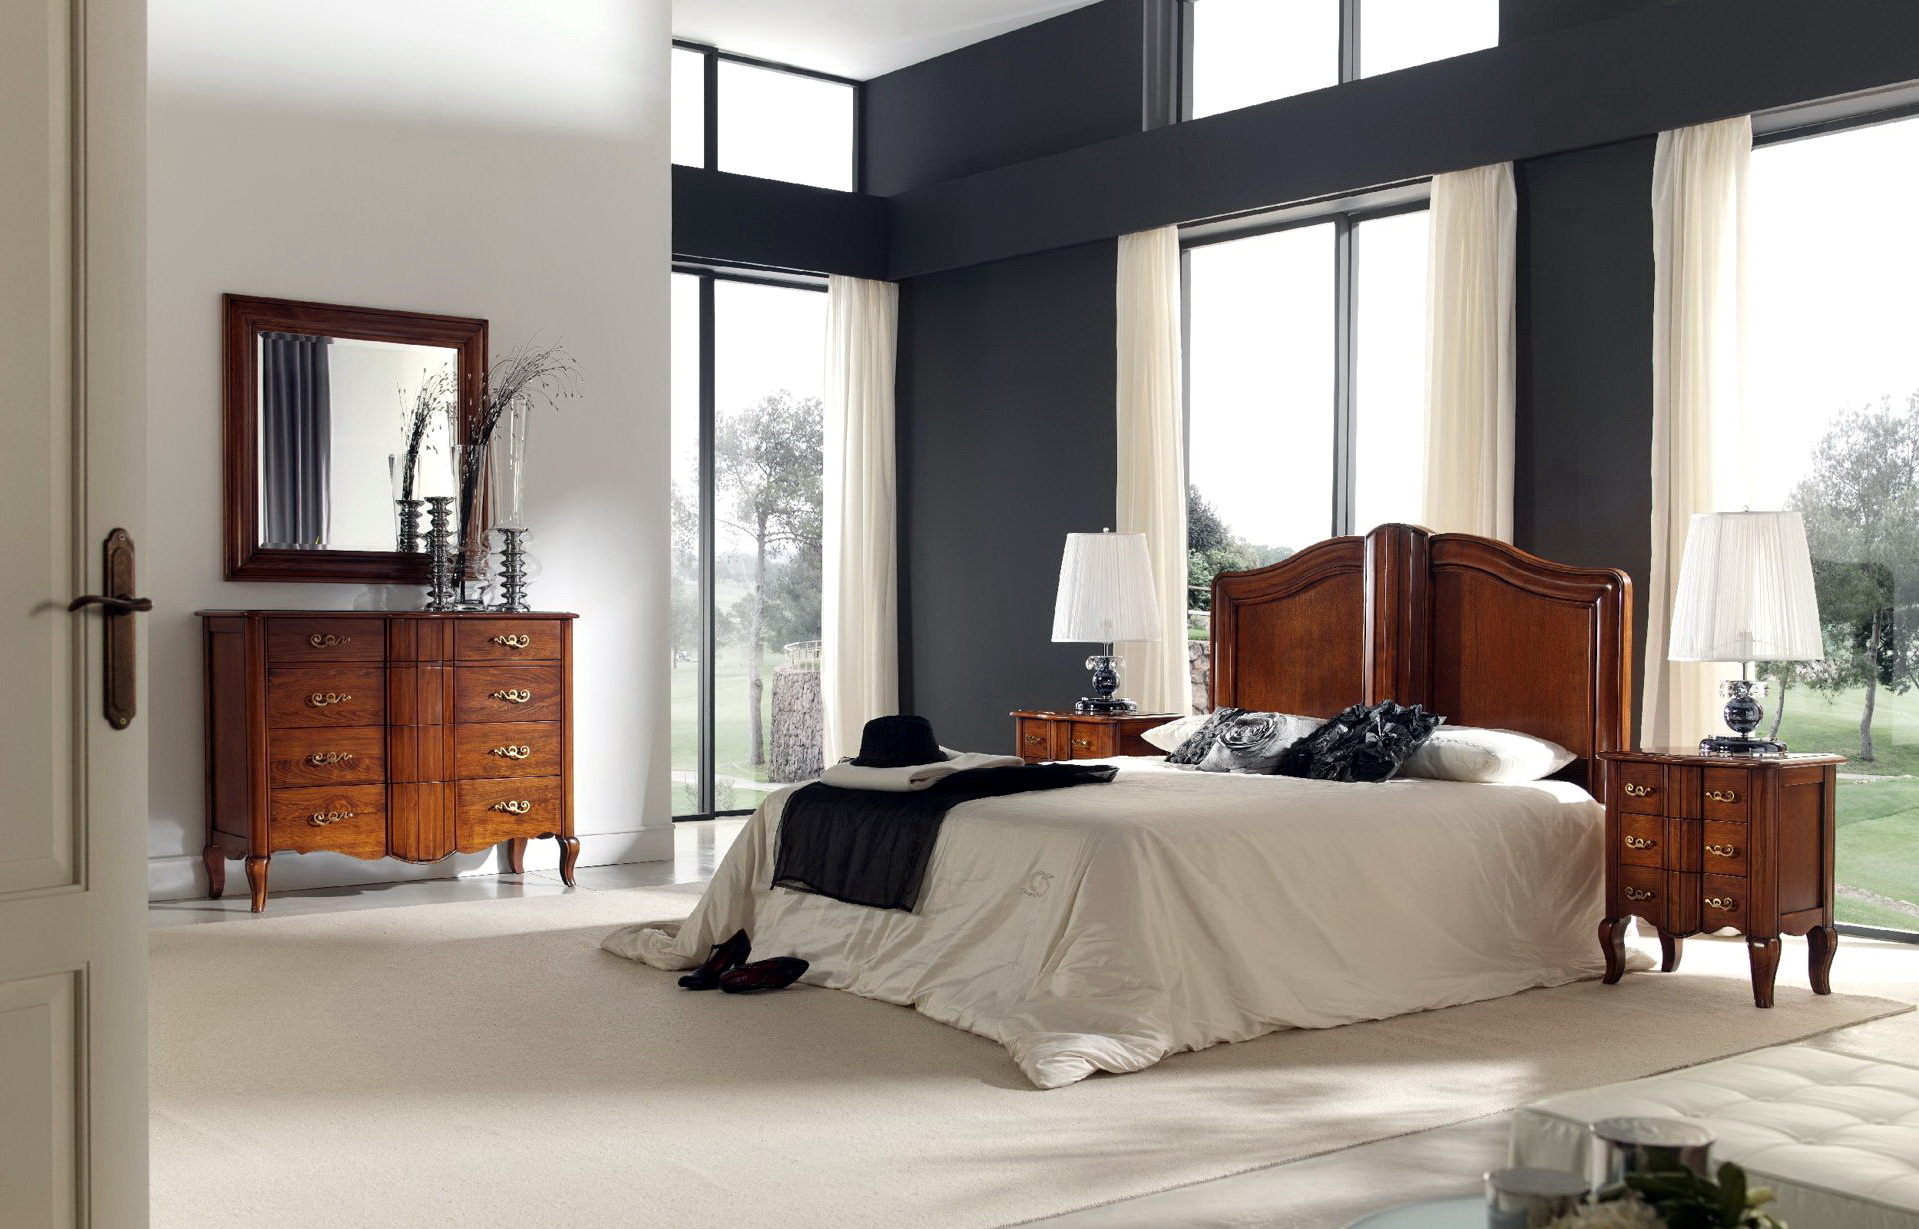 Palazzo tradition dormitorio cl sico by toscano en muebles anto n leon - Muebles en leon ...